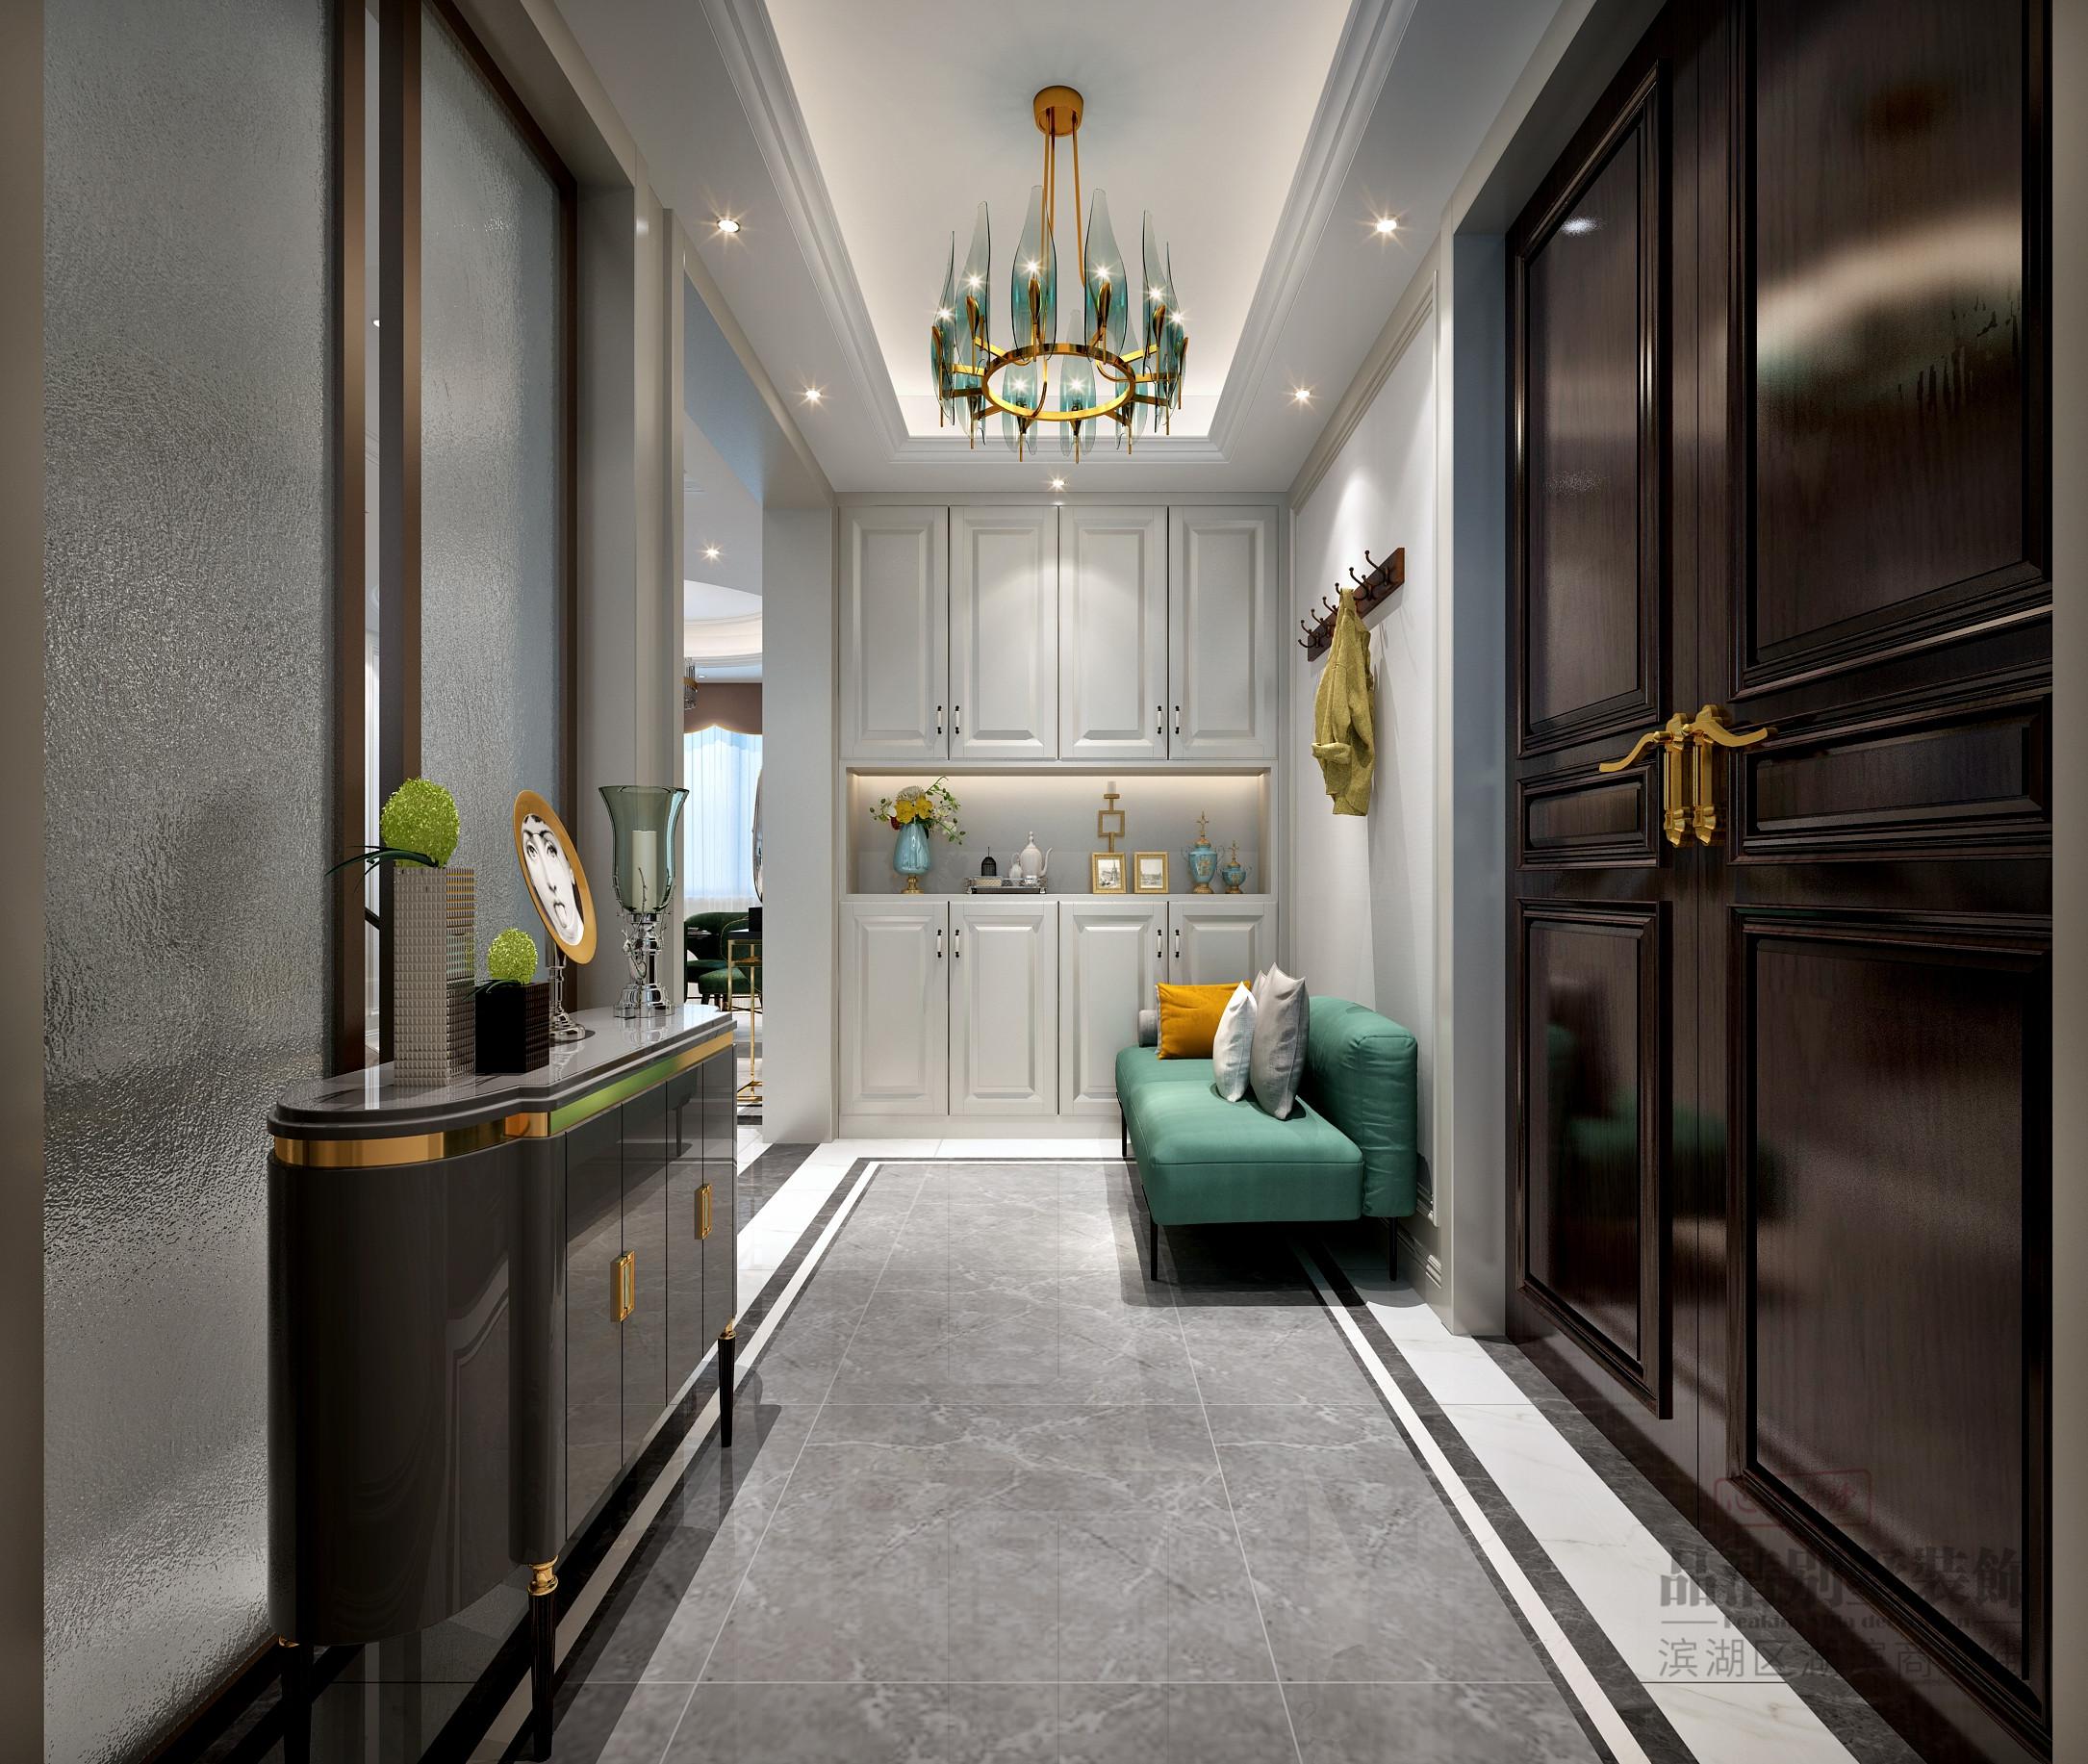 美式 别墅 客厅 卧室 厨房 餐厅图片来自别墅装修设计师在凤鸣山庄合院 450平 轻奢美式的分享